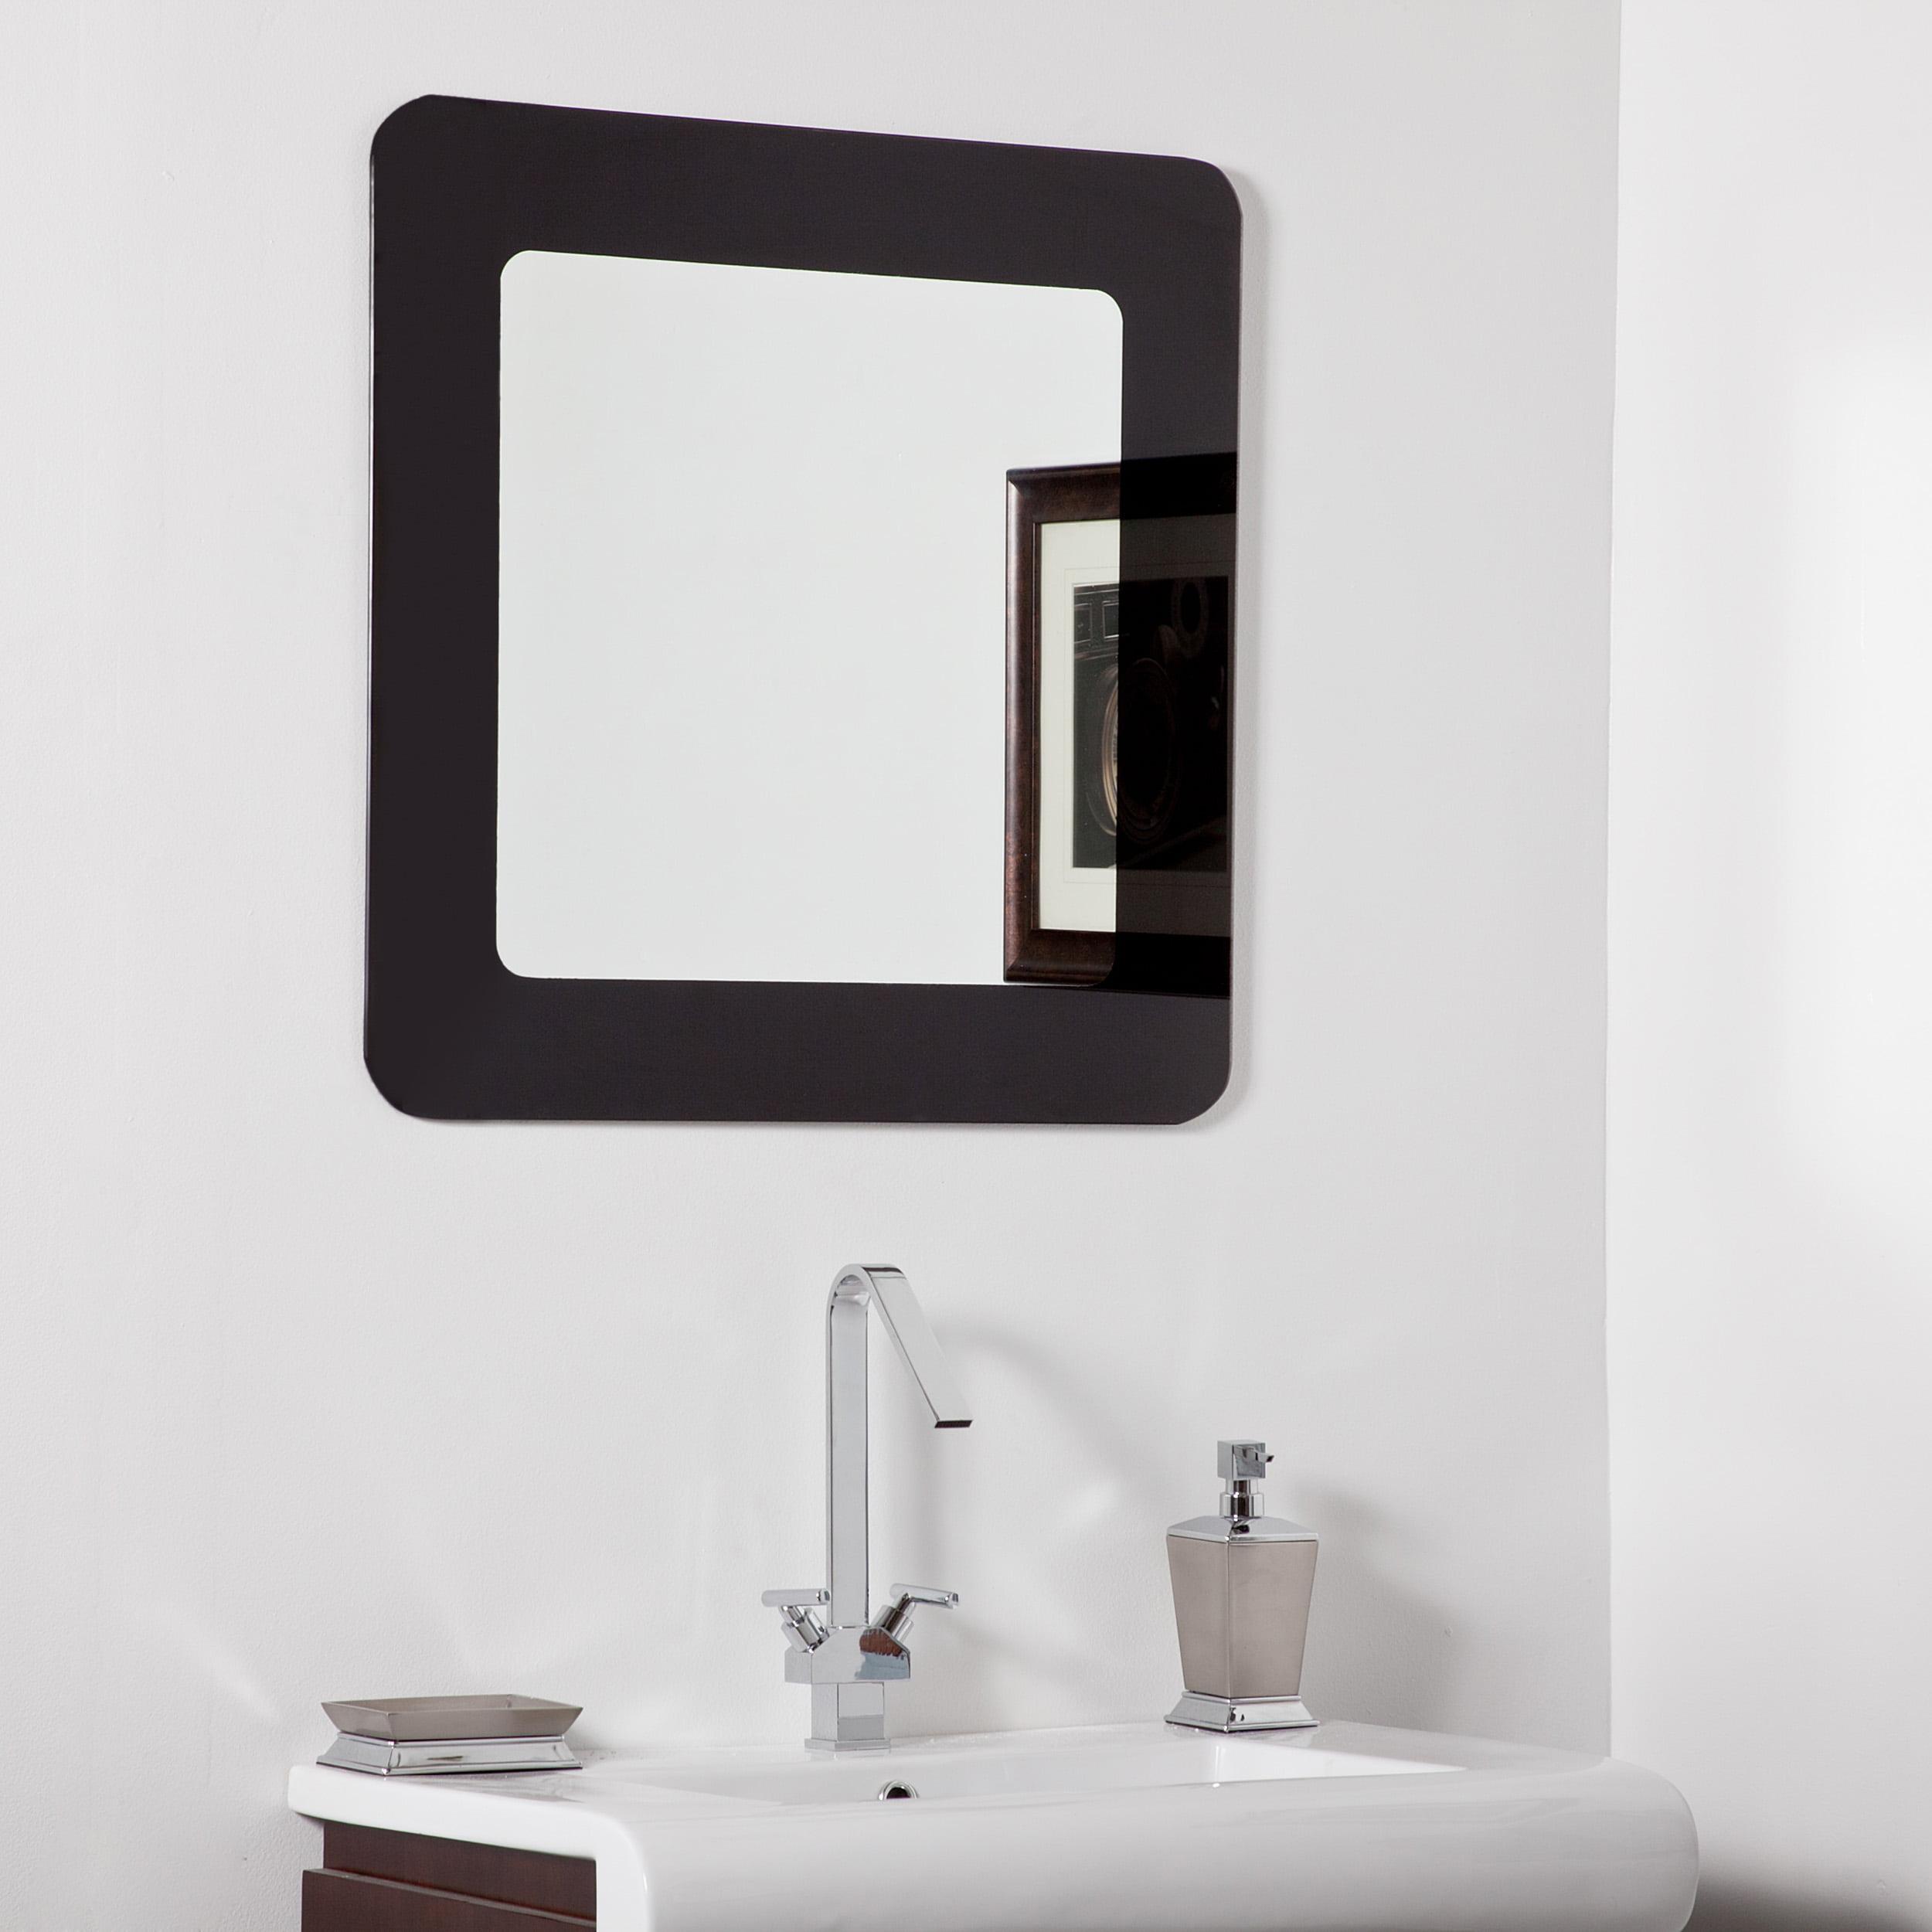 Décor Wonderland Ella Modern bathroom mirror 27.6 inx27.6 in